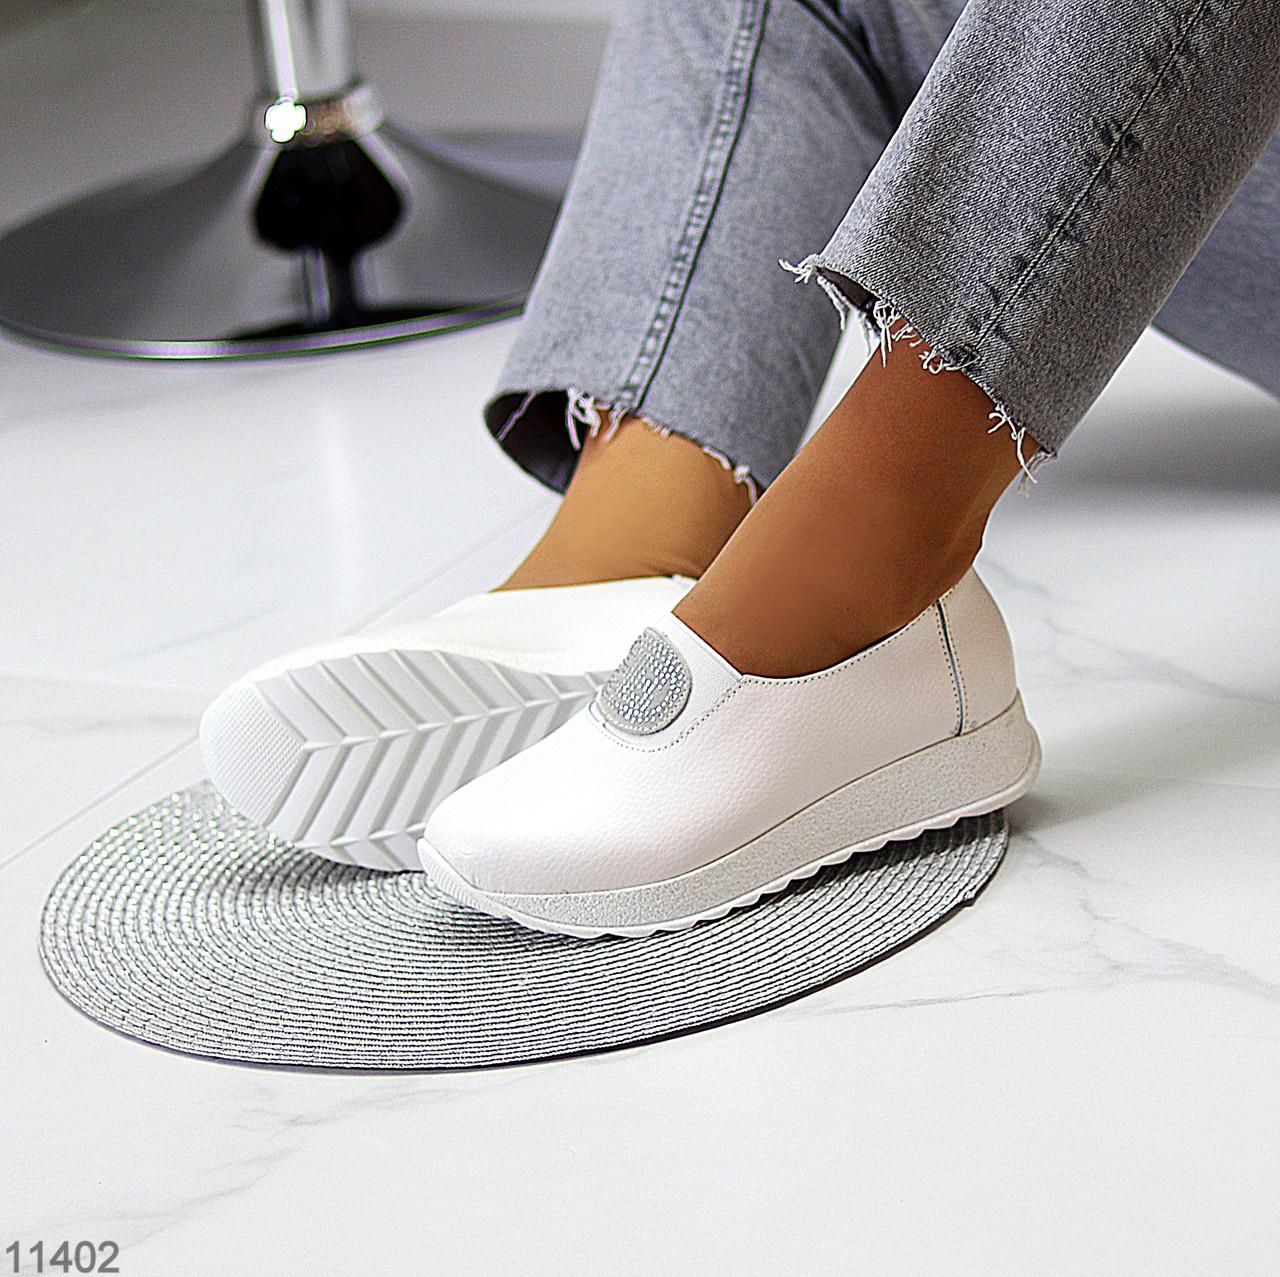 Женские мокасины /кроссовки без шнуровки белые натуральная кожа